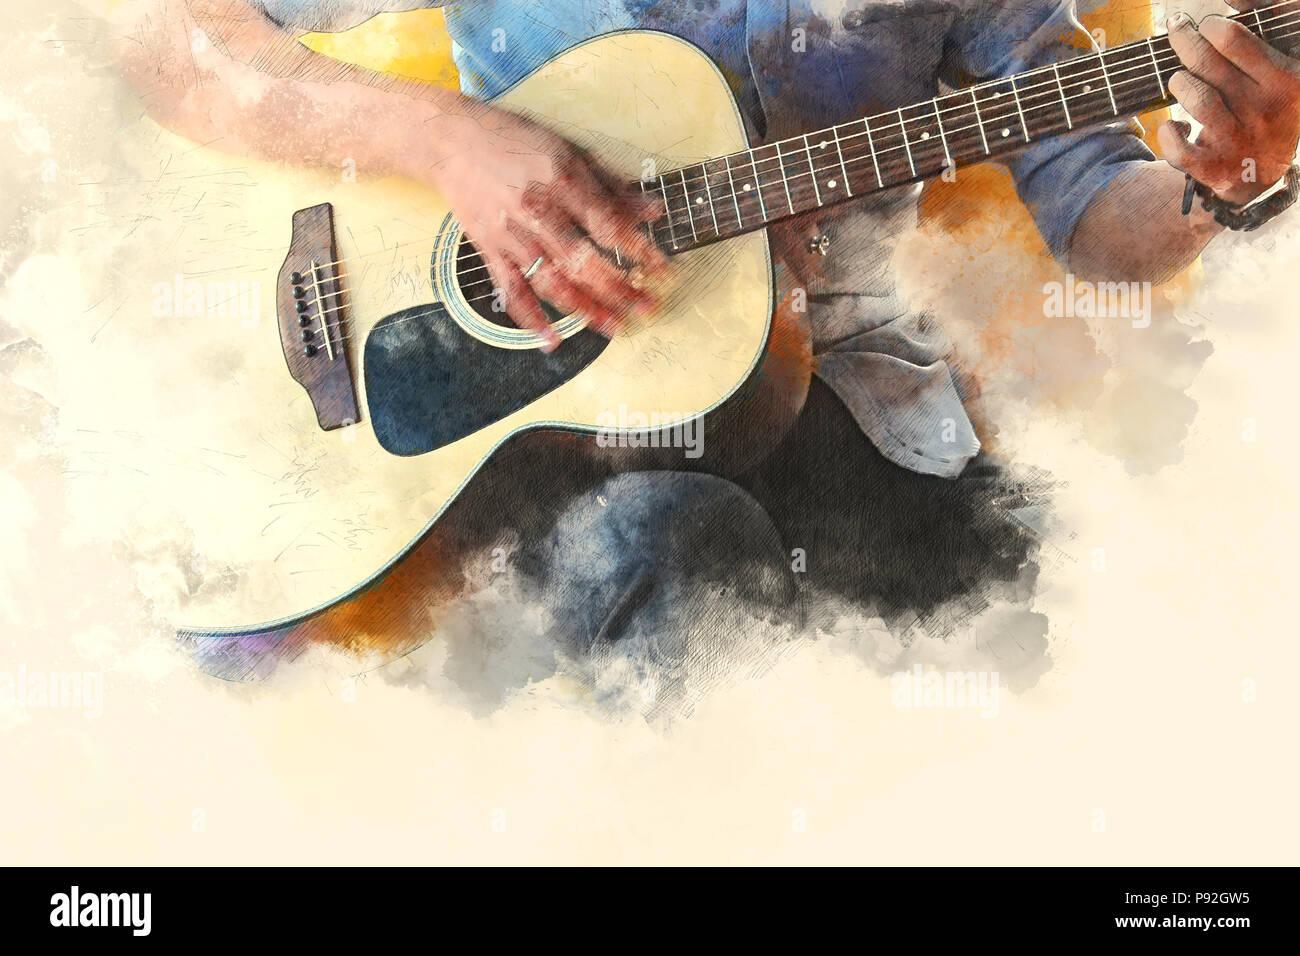 r u00e9sum u00e9 belle homme jouant de la guitare dans l u0026 39 avant